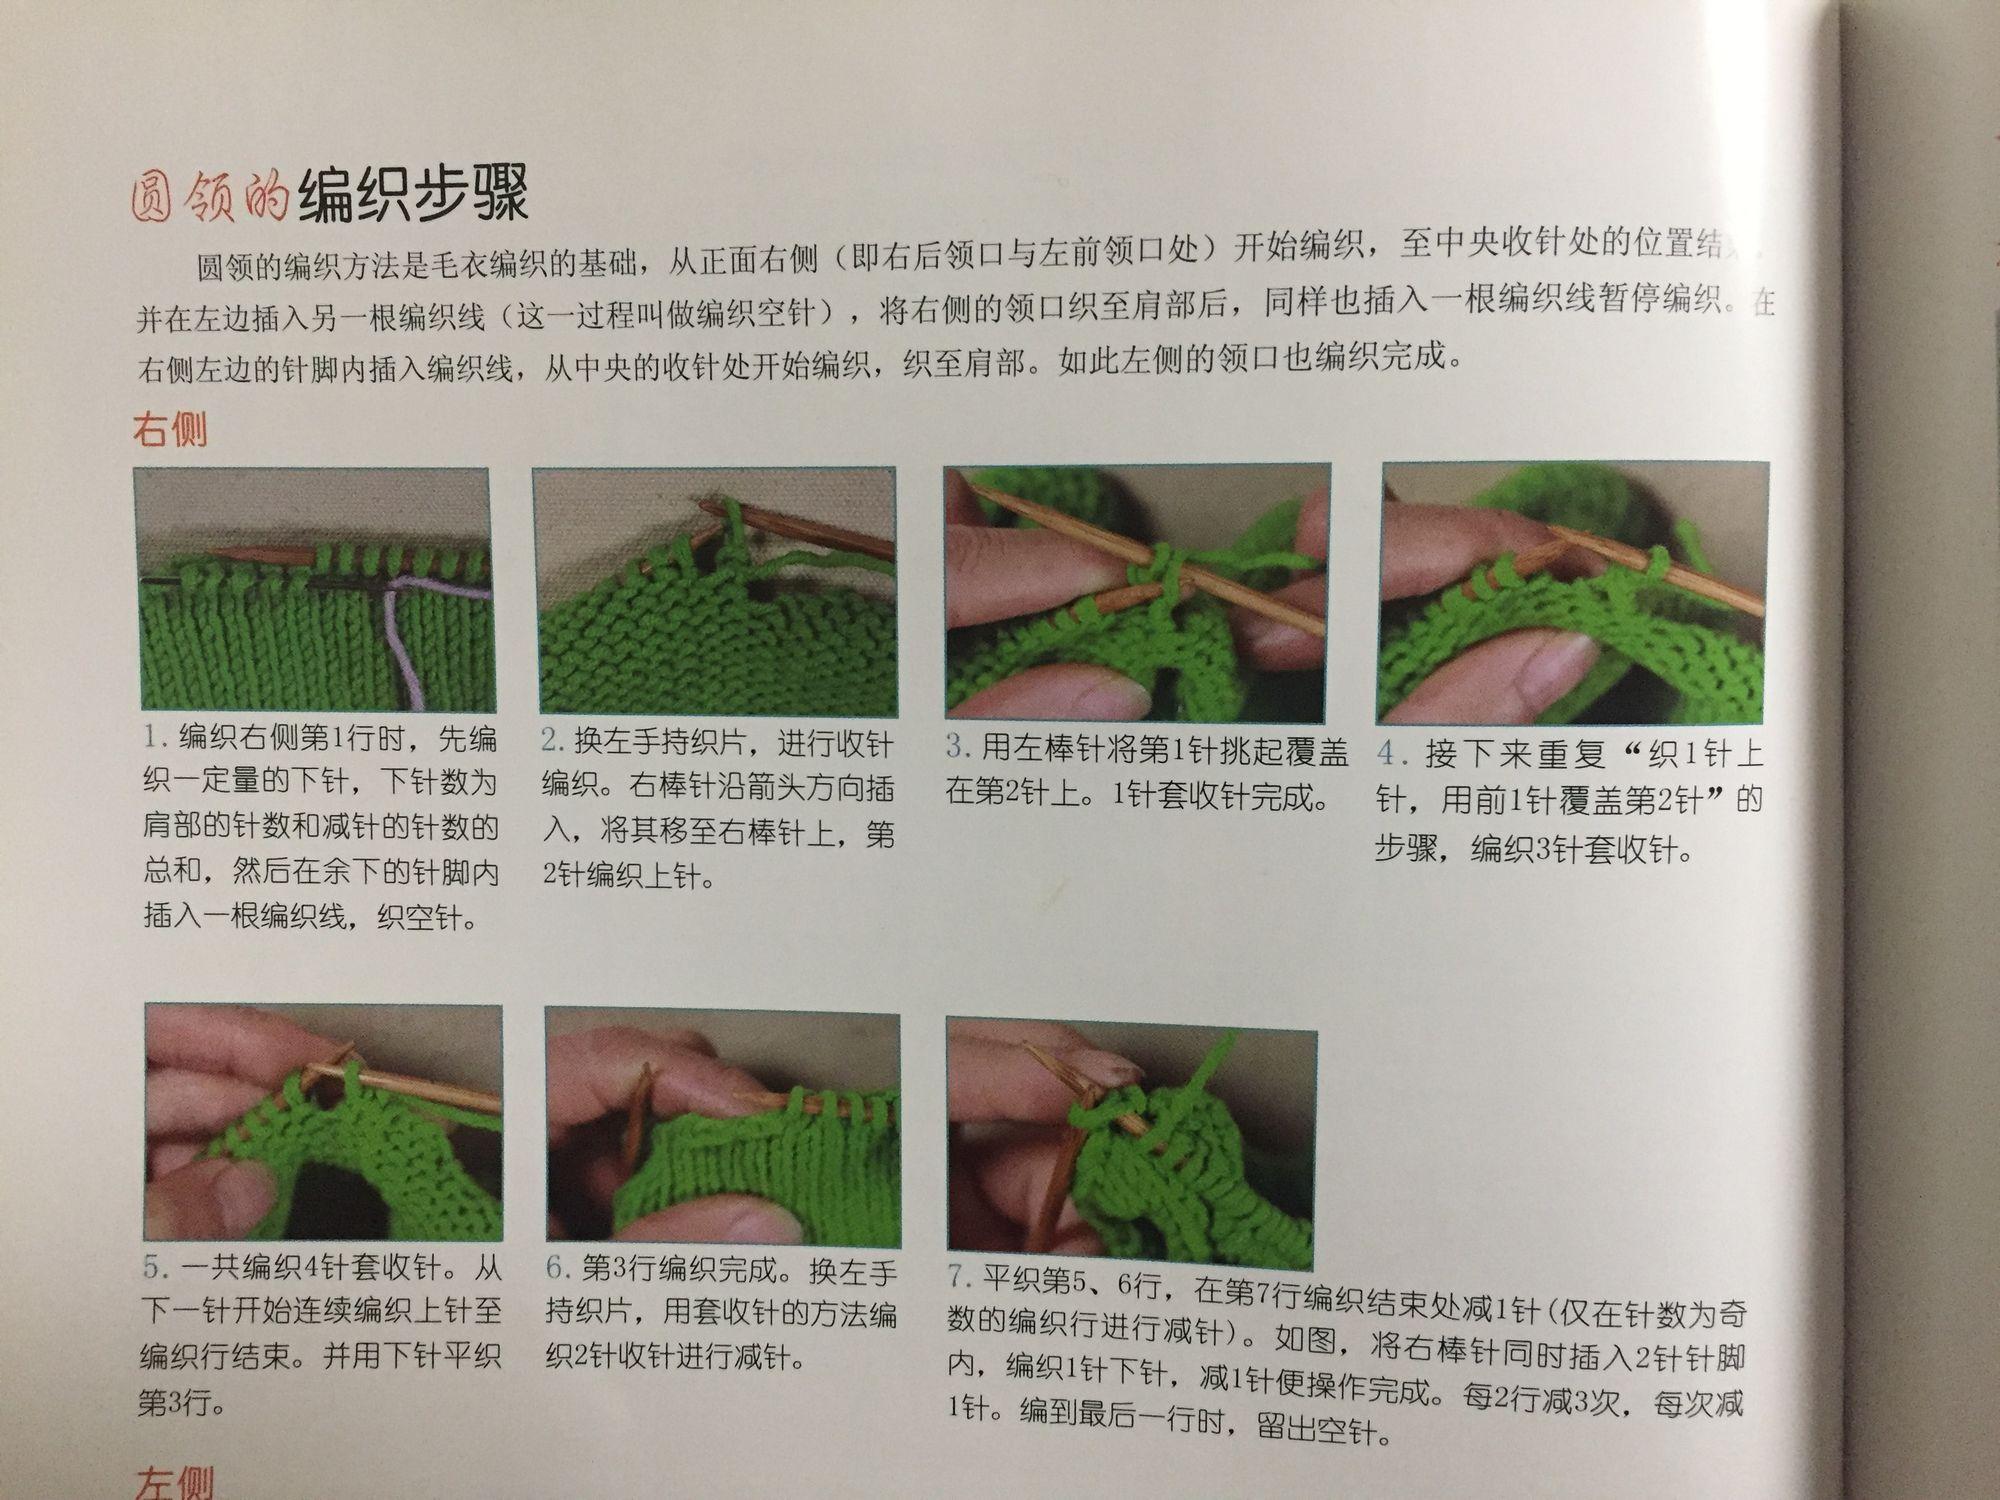 圆领的编织步骤